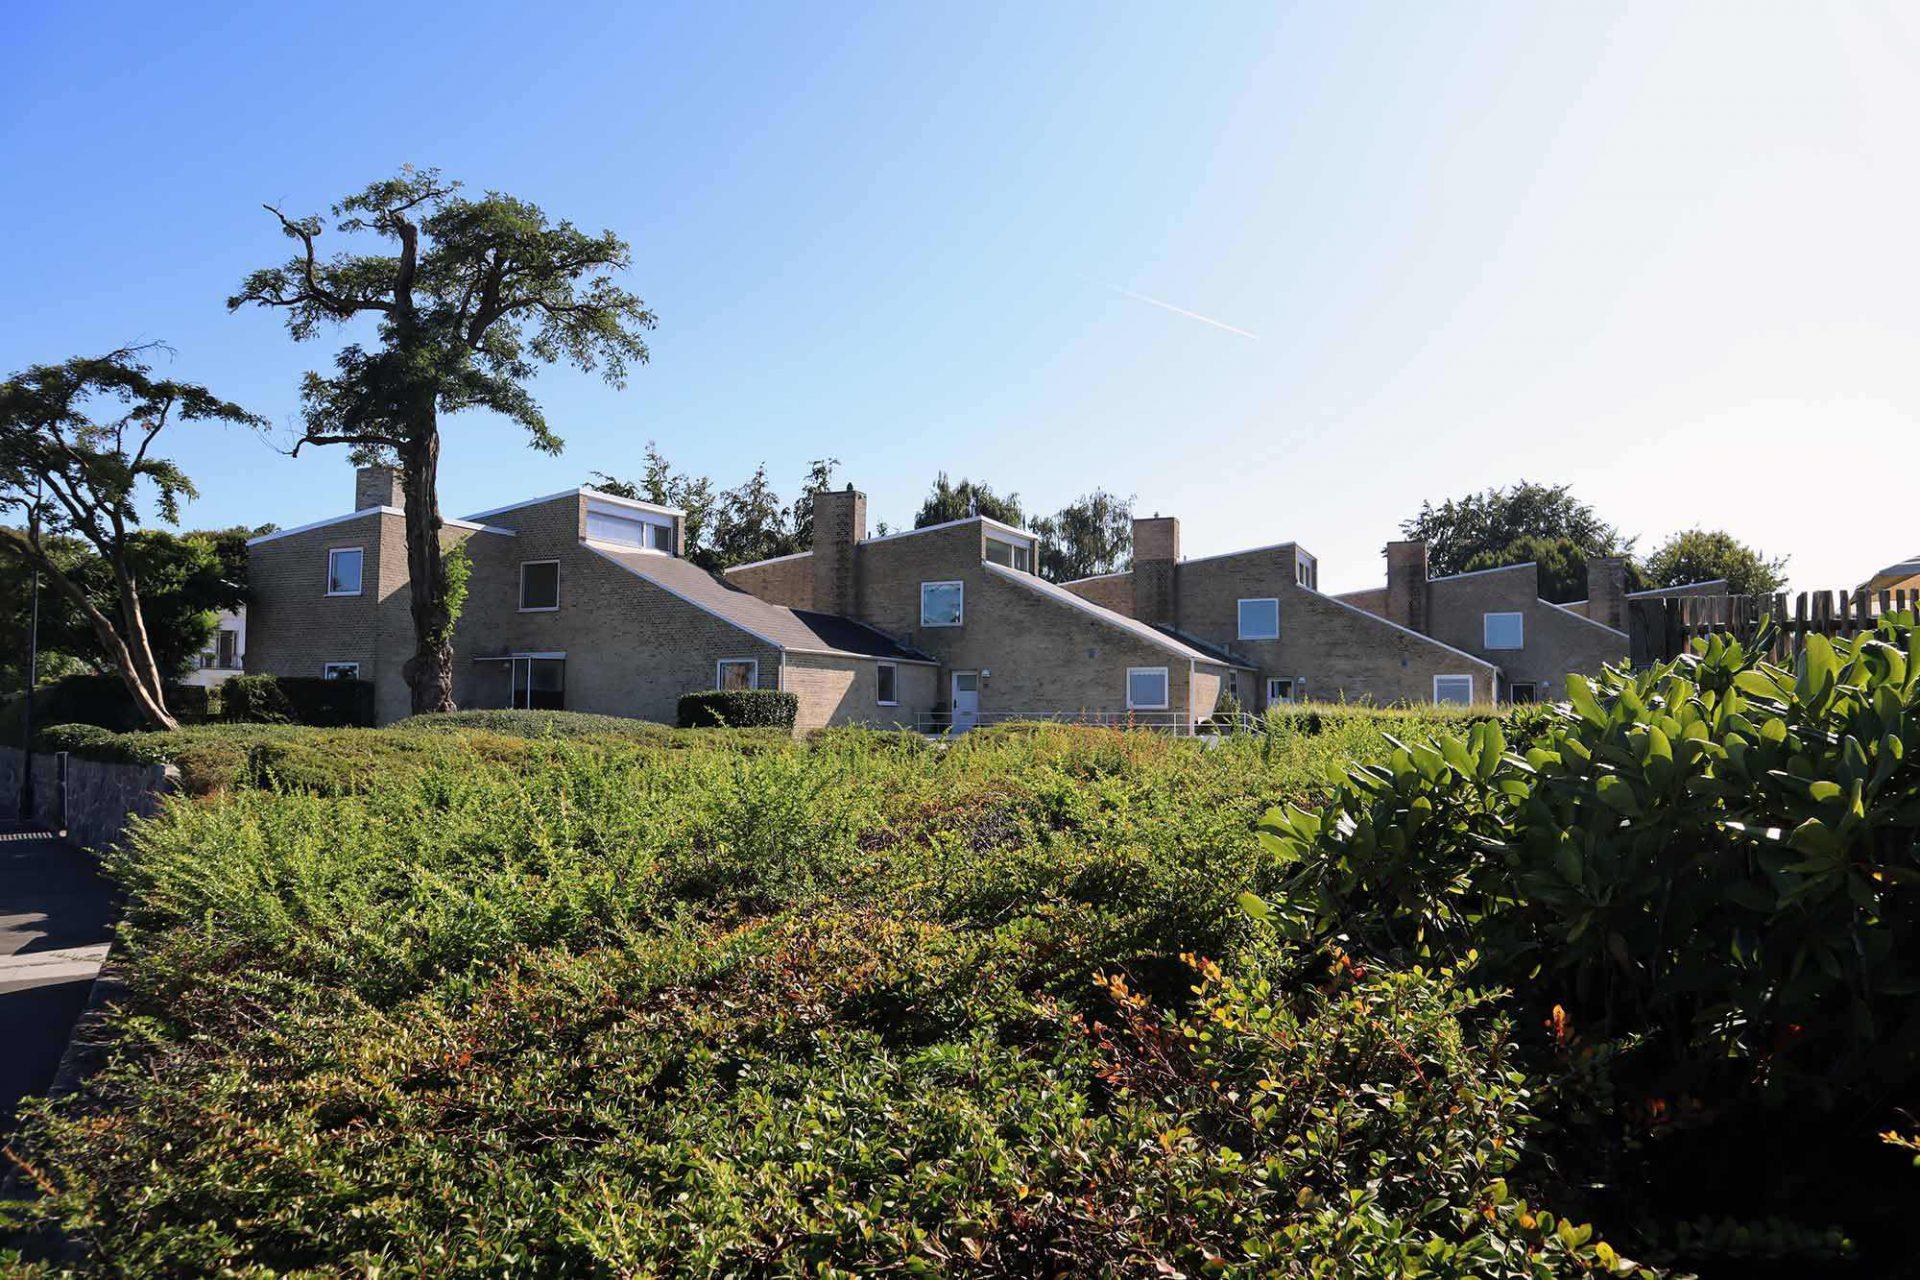 Søholm Reihenhäuser. Jacobsen entwarf 18 Häuser, die er in drei Bereiche aufteilte: Søholm 1-3. Die dem Licht zugewandten Ziegelsteinbauten markieren eine neue Entwicklung in Jacobsens Werk, die von Kritikern als Meilenstein angesehen wird.